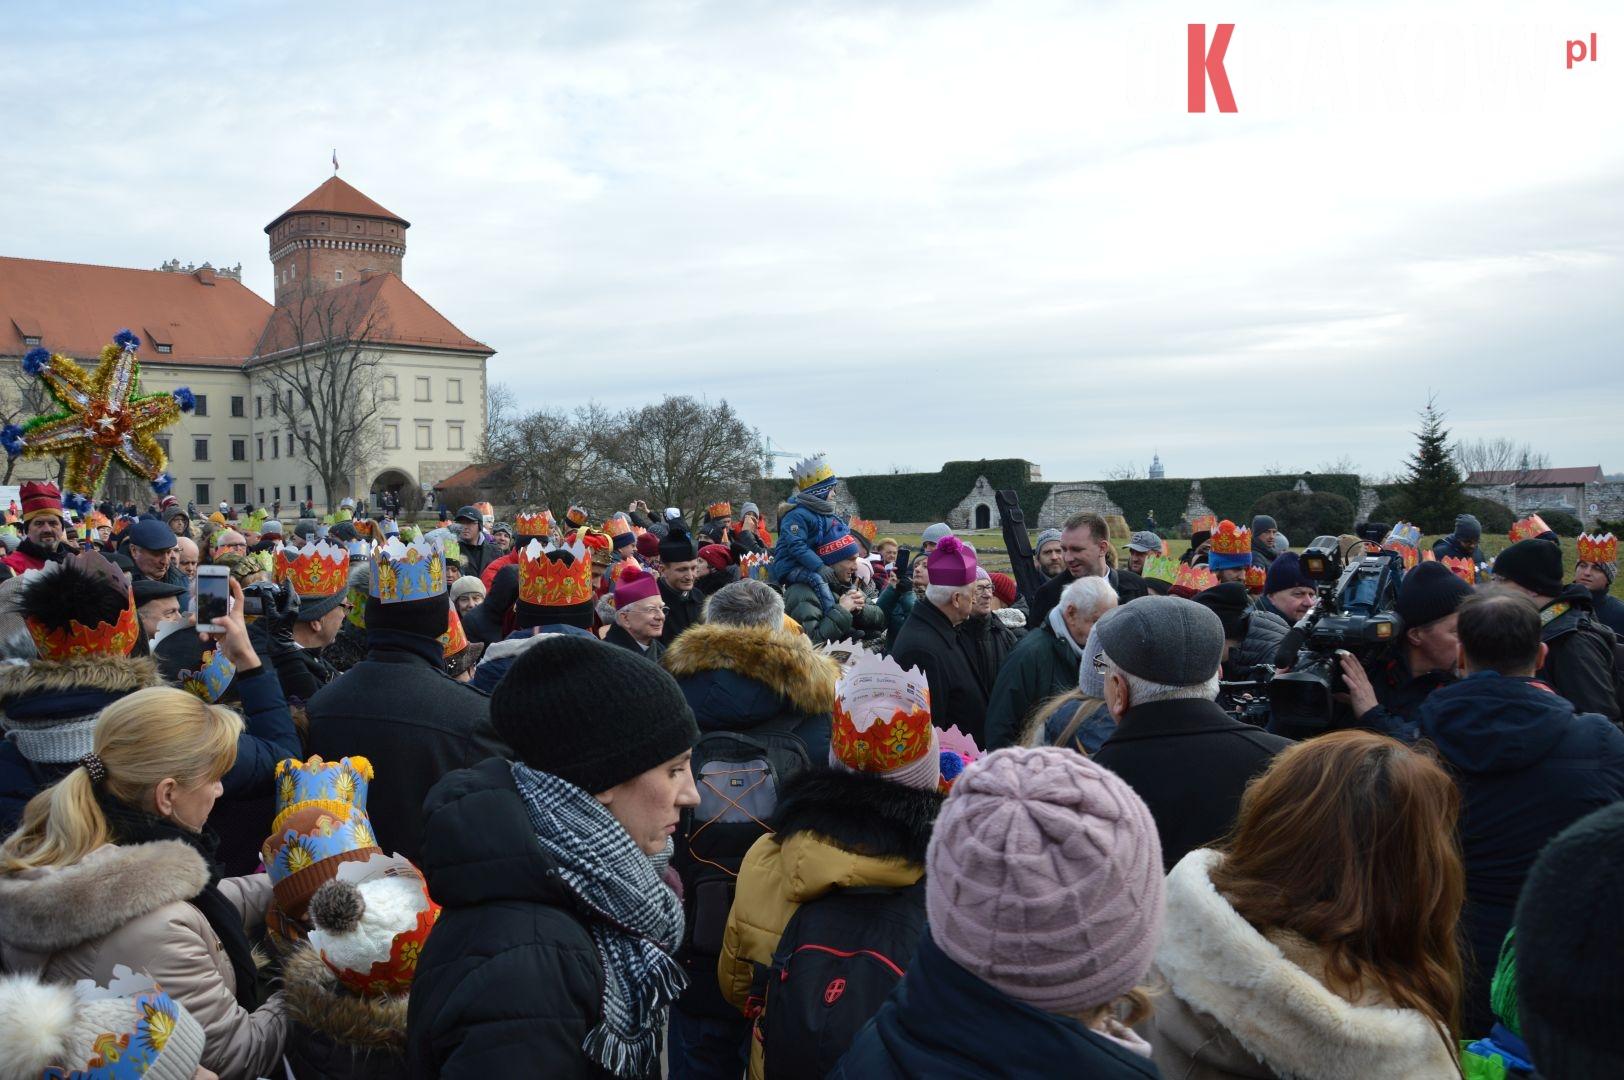 orszak 17 1 150x150 - Orszak Trzech Króli Kraków 2020 Galeria Zdjęć z Orszaku (czerwonego)